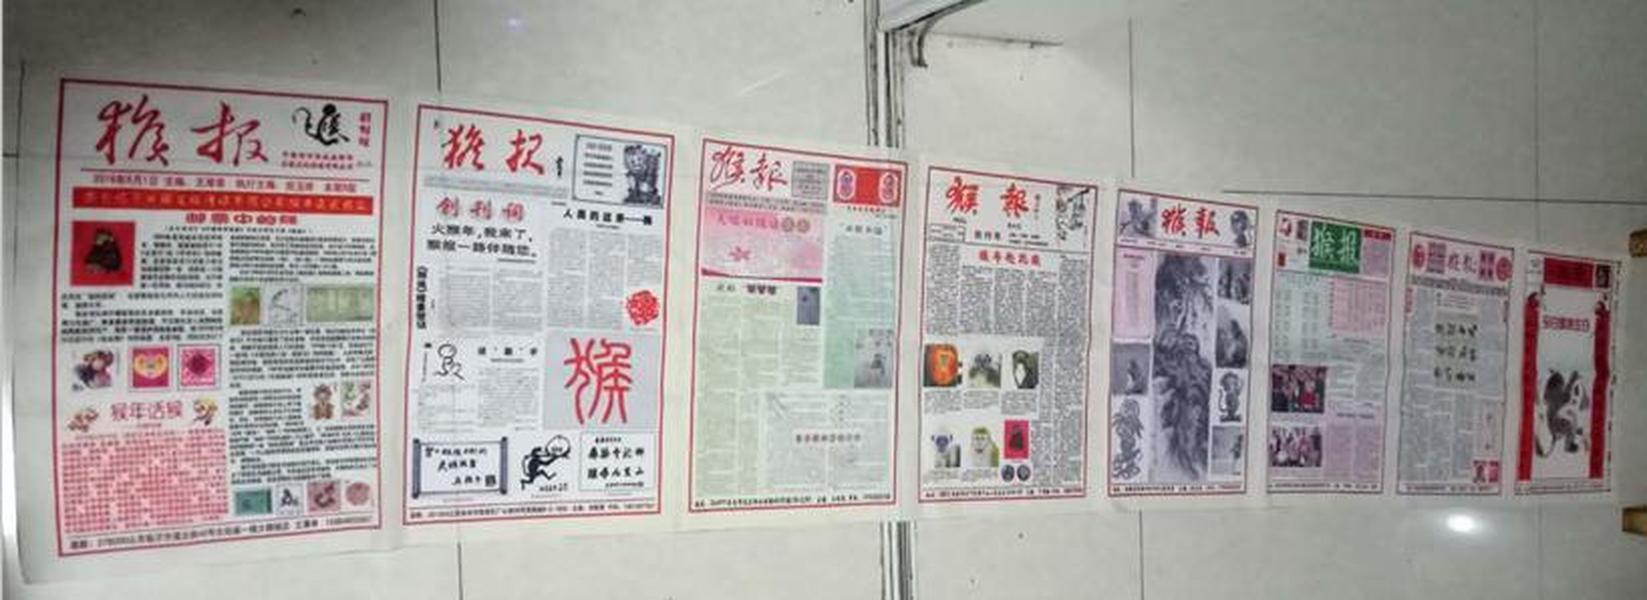 丝绸报:猴报8连体